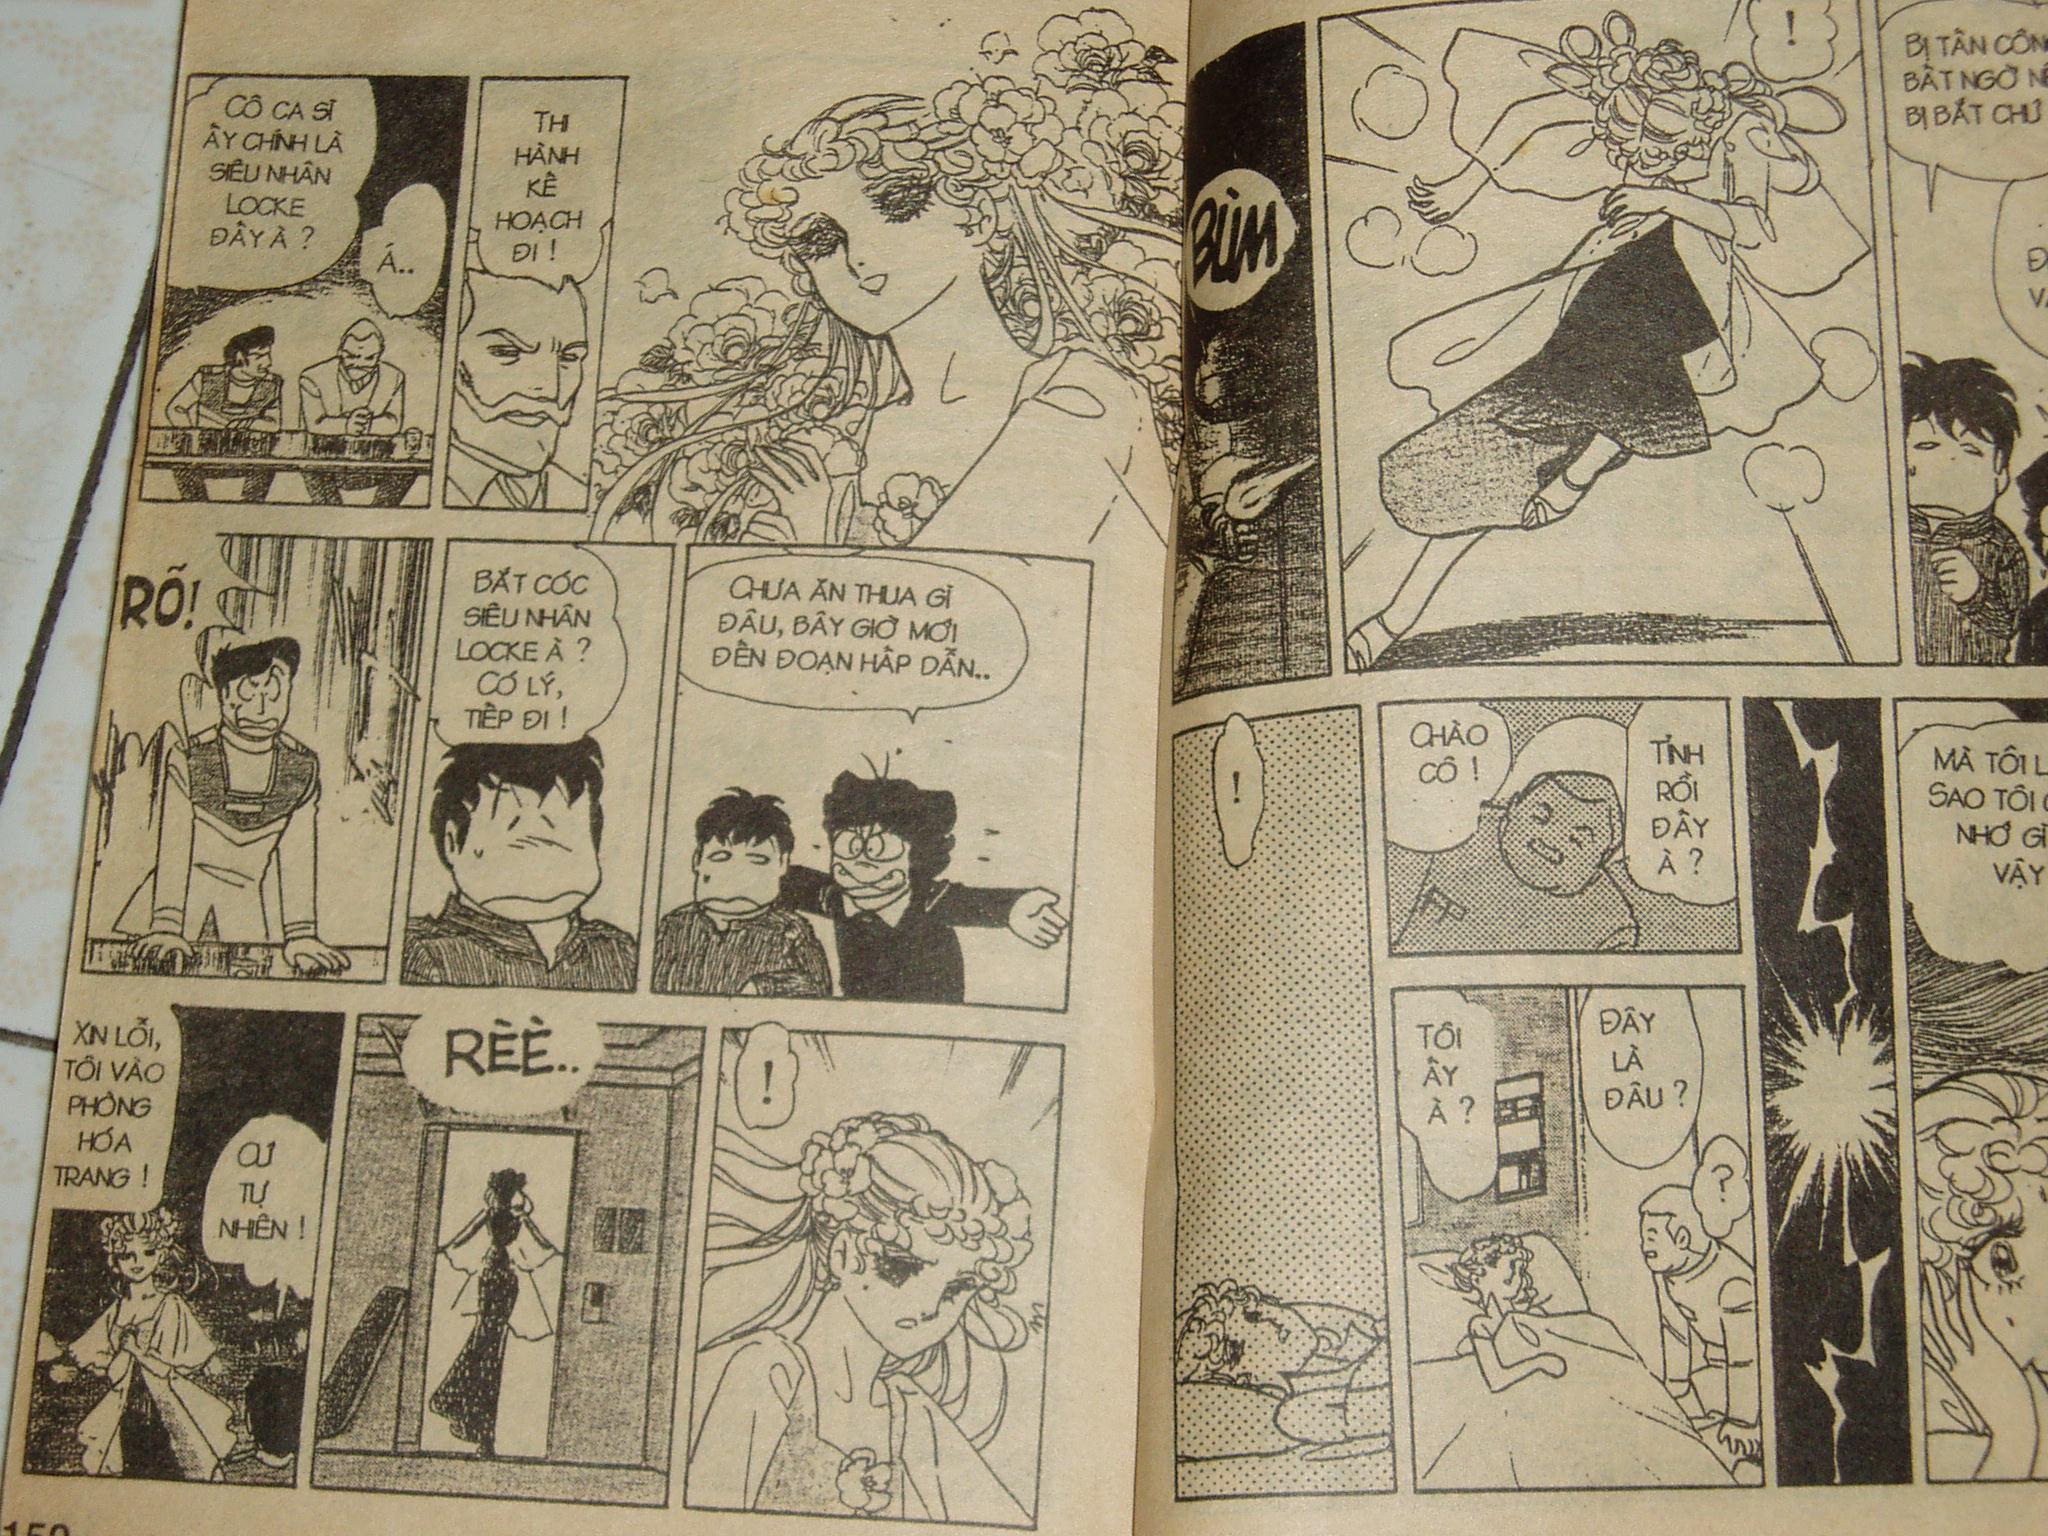 Siêu nhân Locke vol 18 trang 74